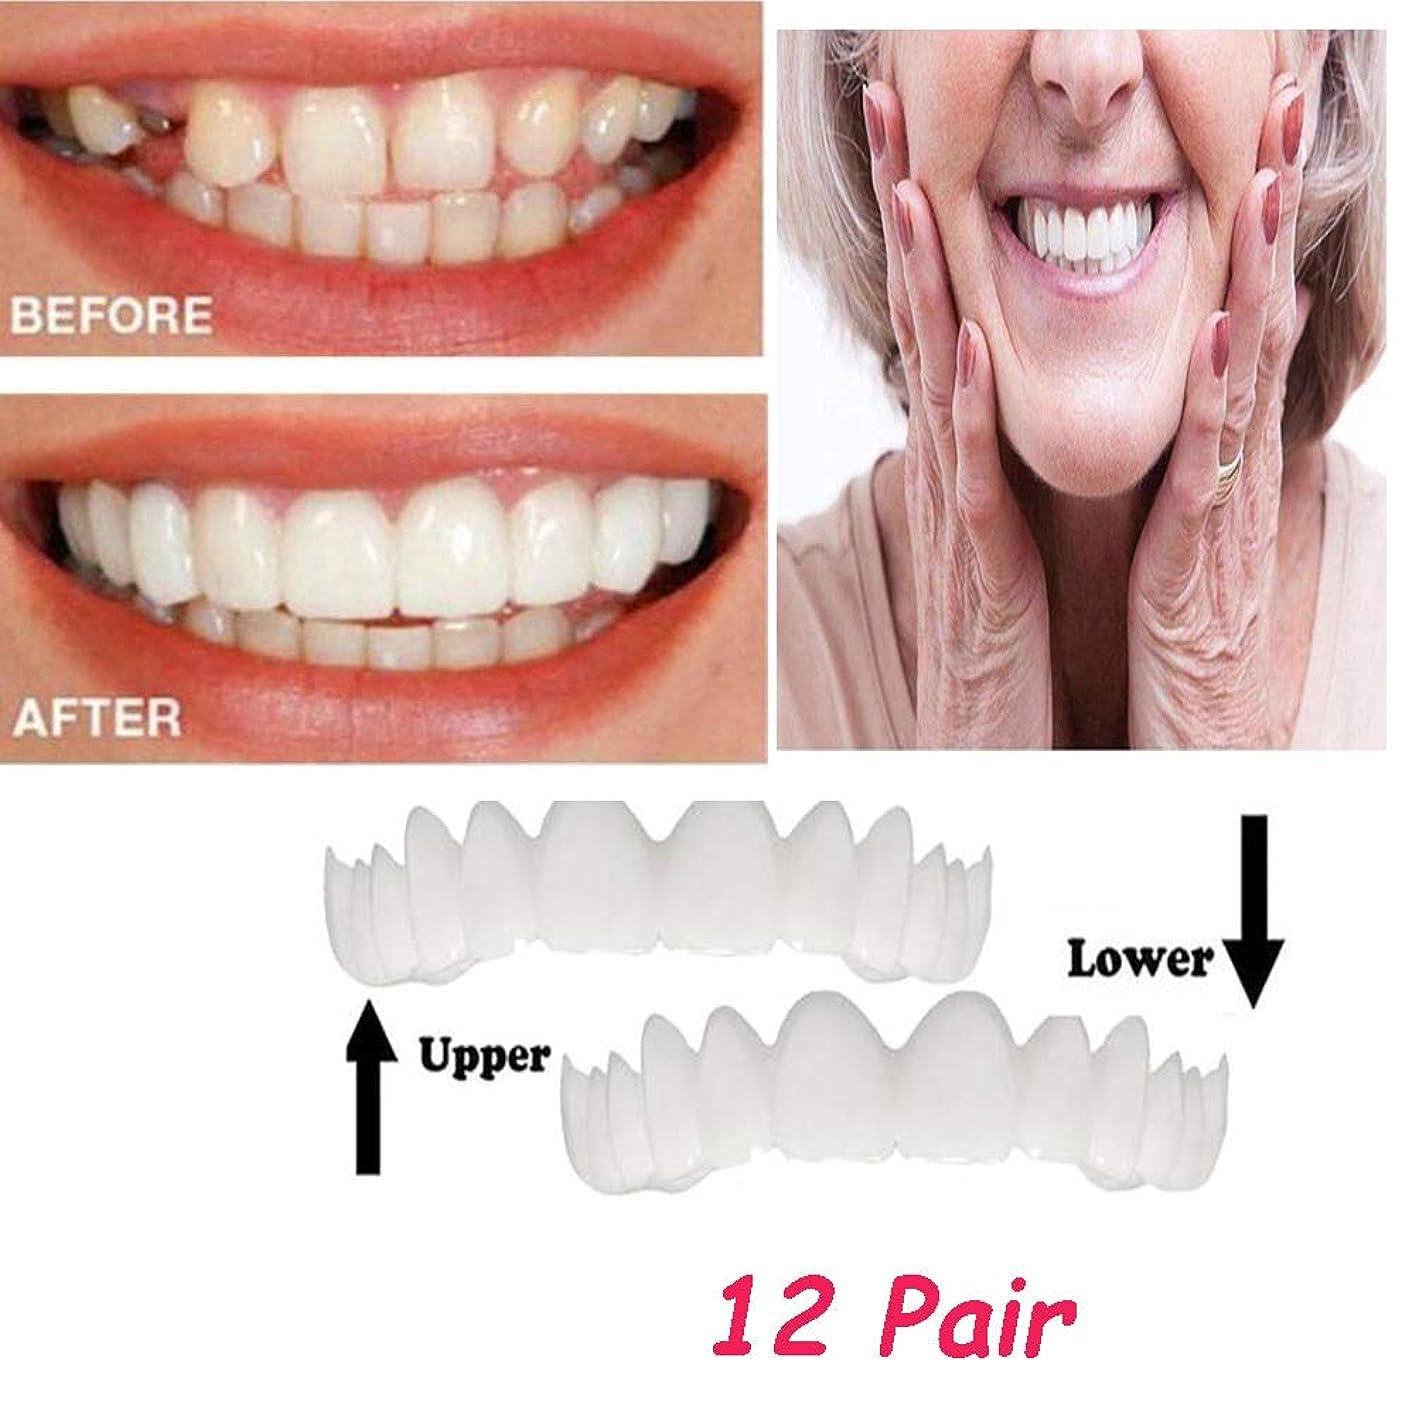 天皇嬉しいです数字12ペアインスタントスマイルパーフェクトスマイルコンフォートフィットフレックス歯シミュレートブレースアッパーブレース+ロアブレースカバーThe The Teeth、最も快適な義歯のケア